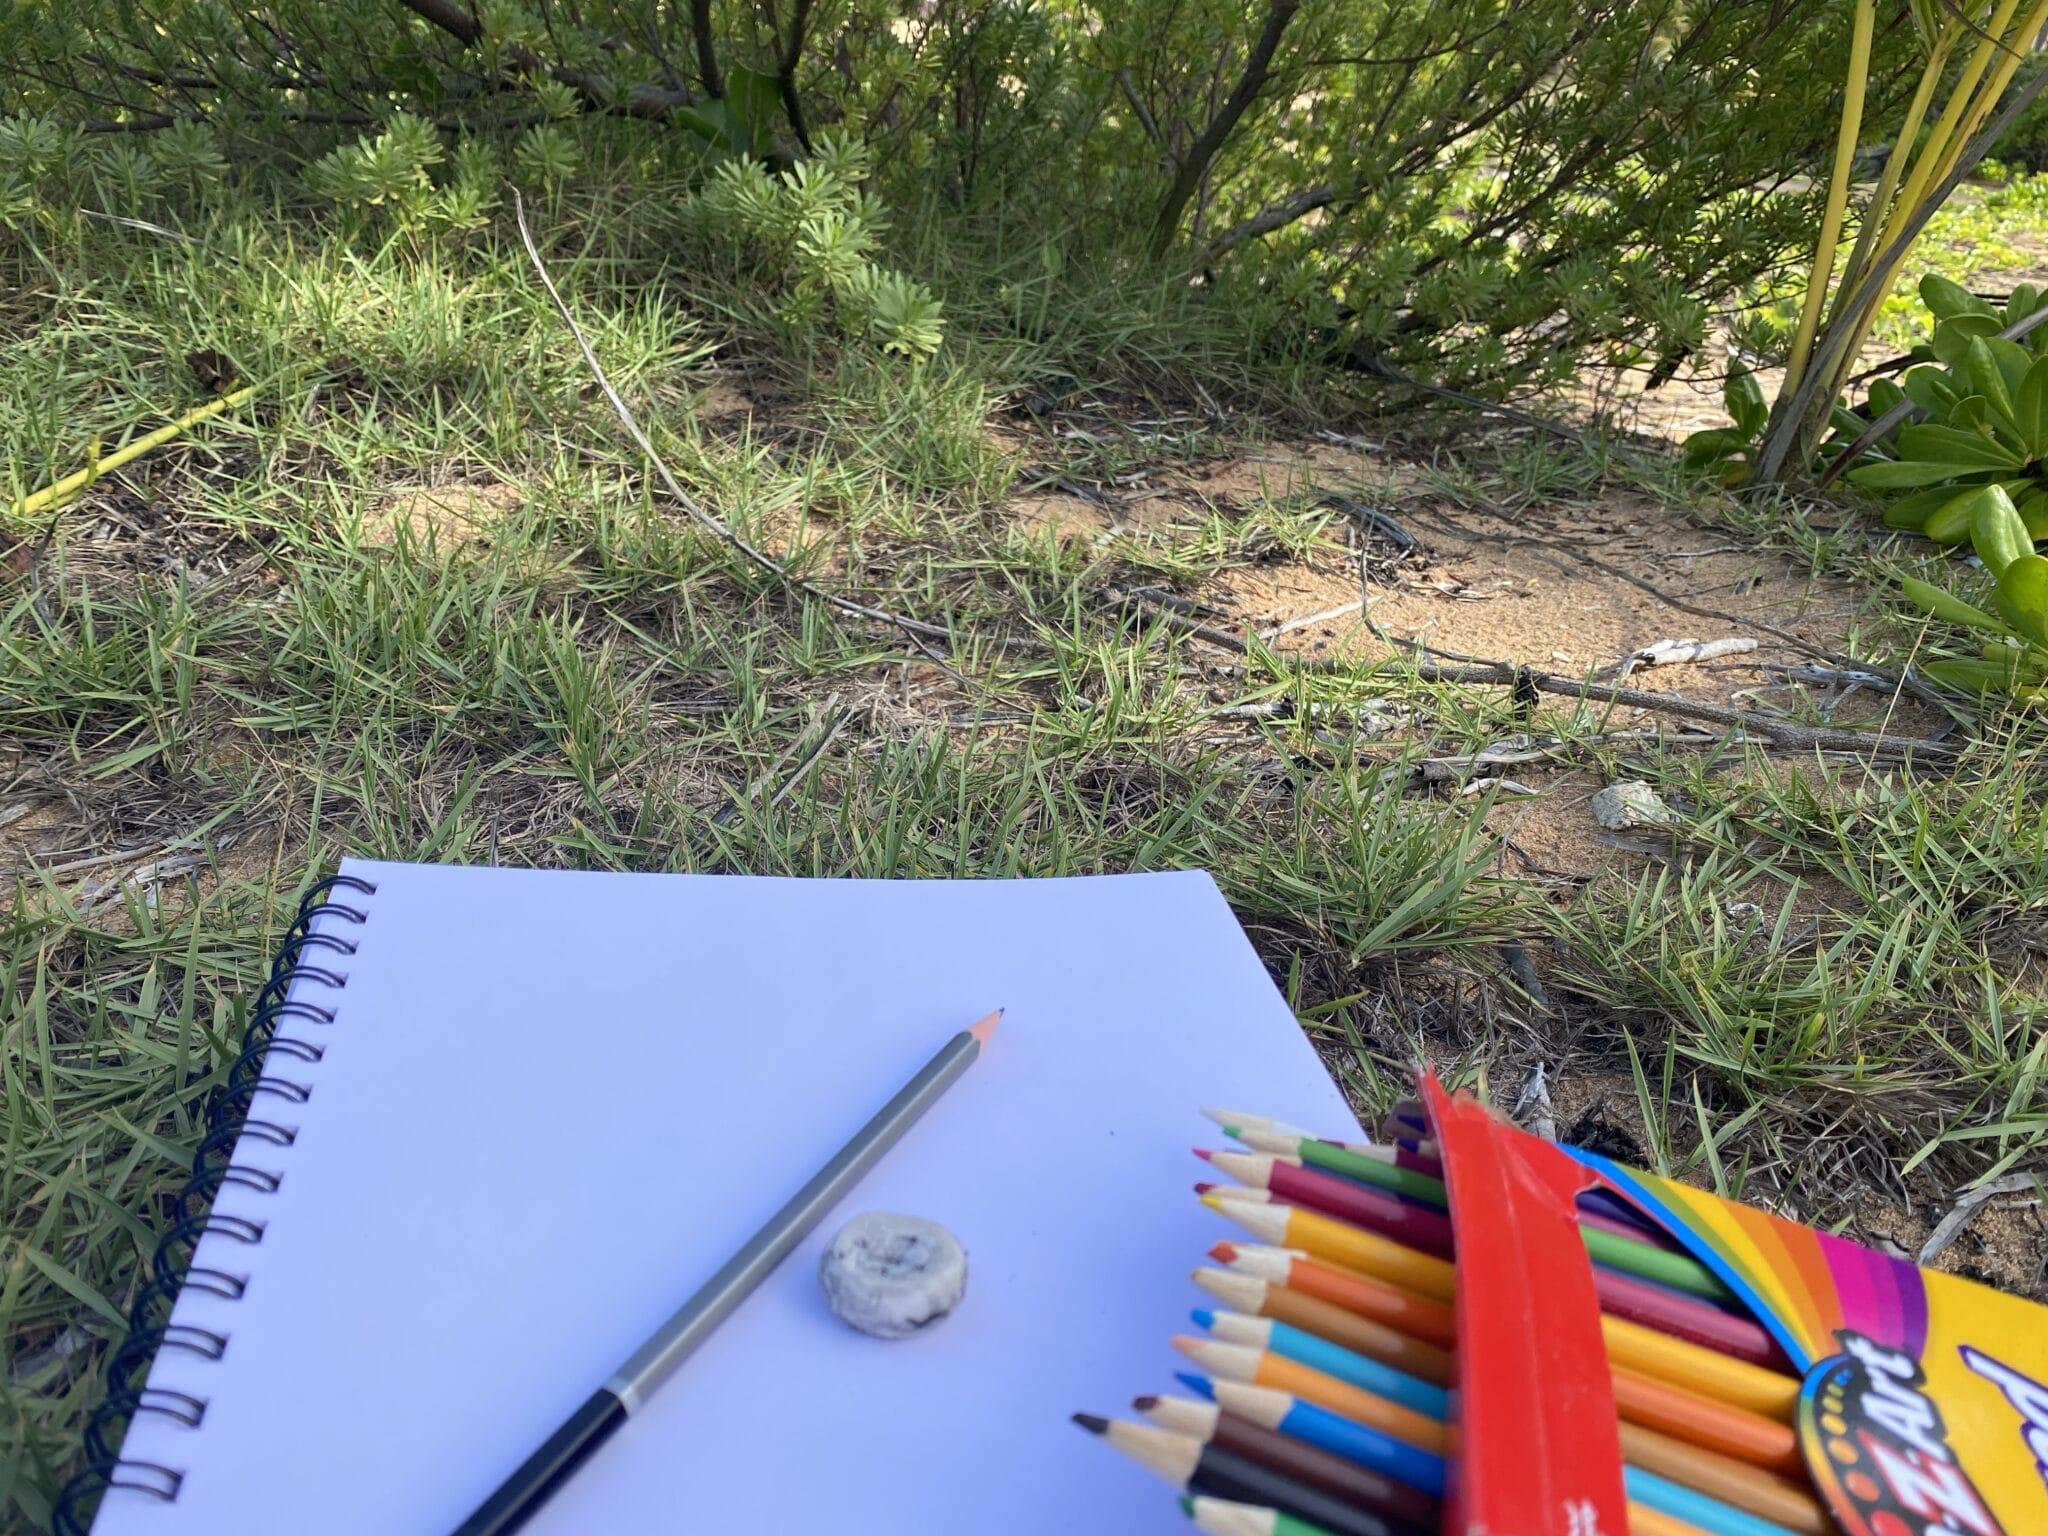 nnature journaling supplies